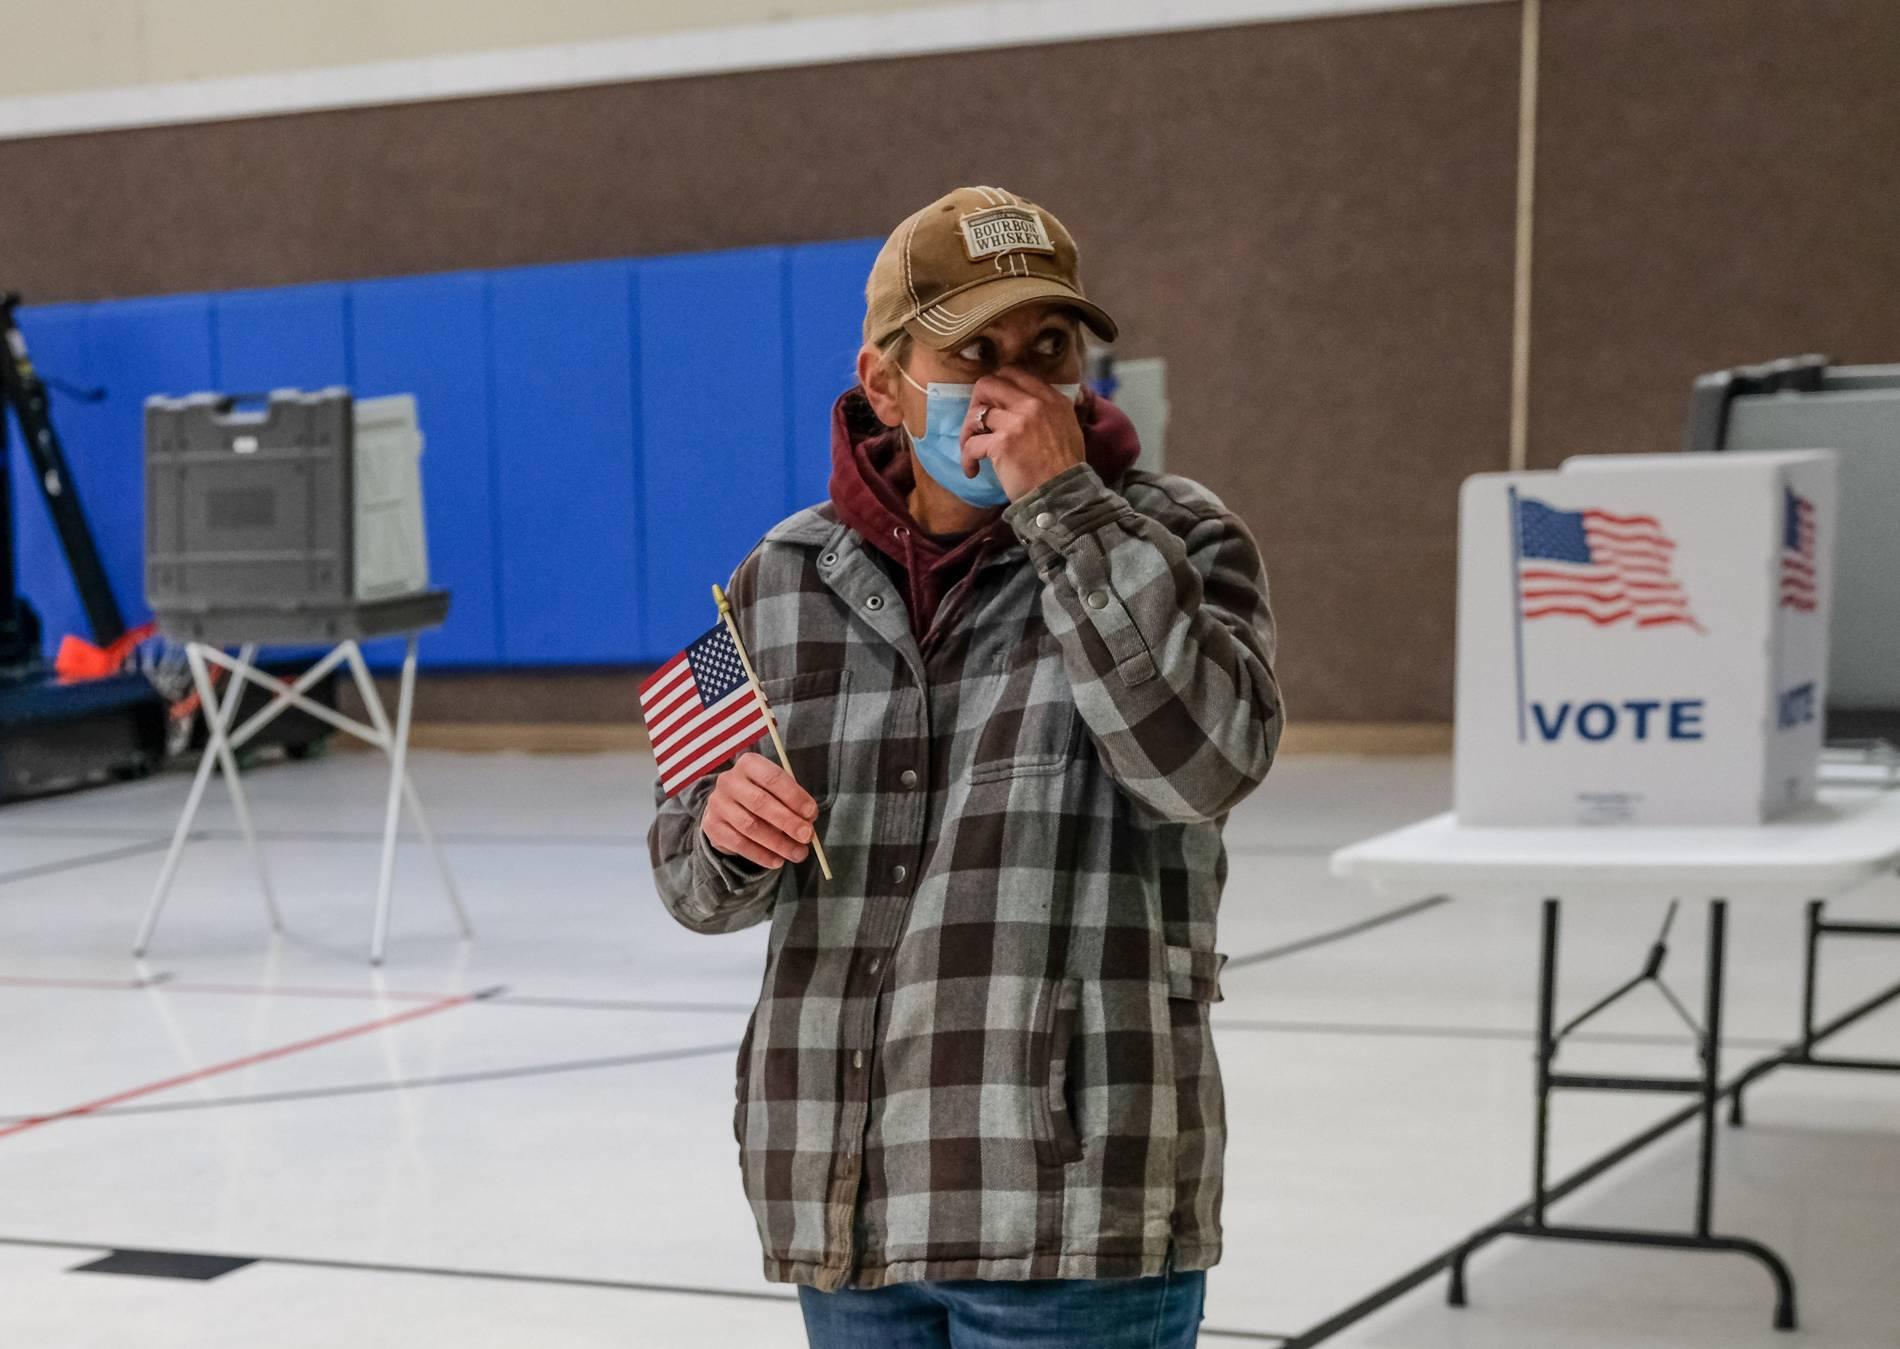 Wahlbeteiligung Usa Präsidentschaftswahl